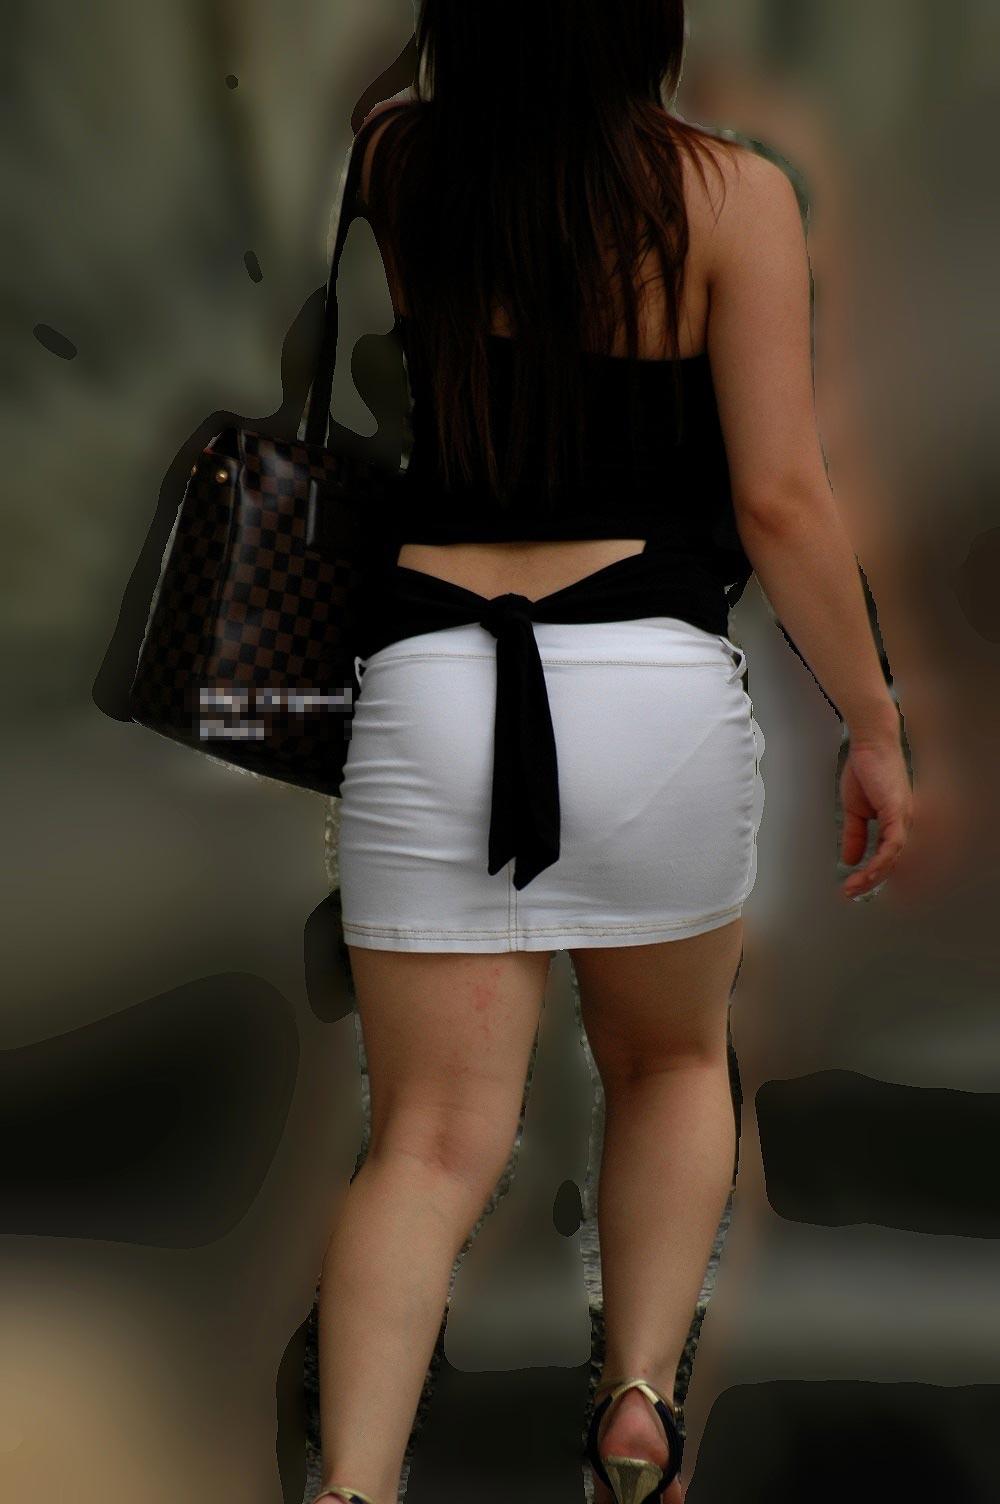 タイトミニスカの女性のピチピチ尻と透けパン!